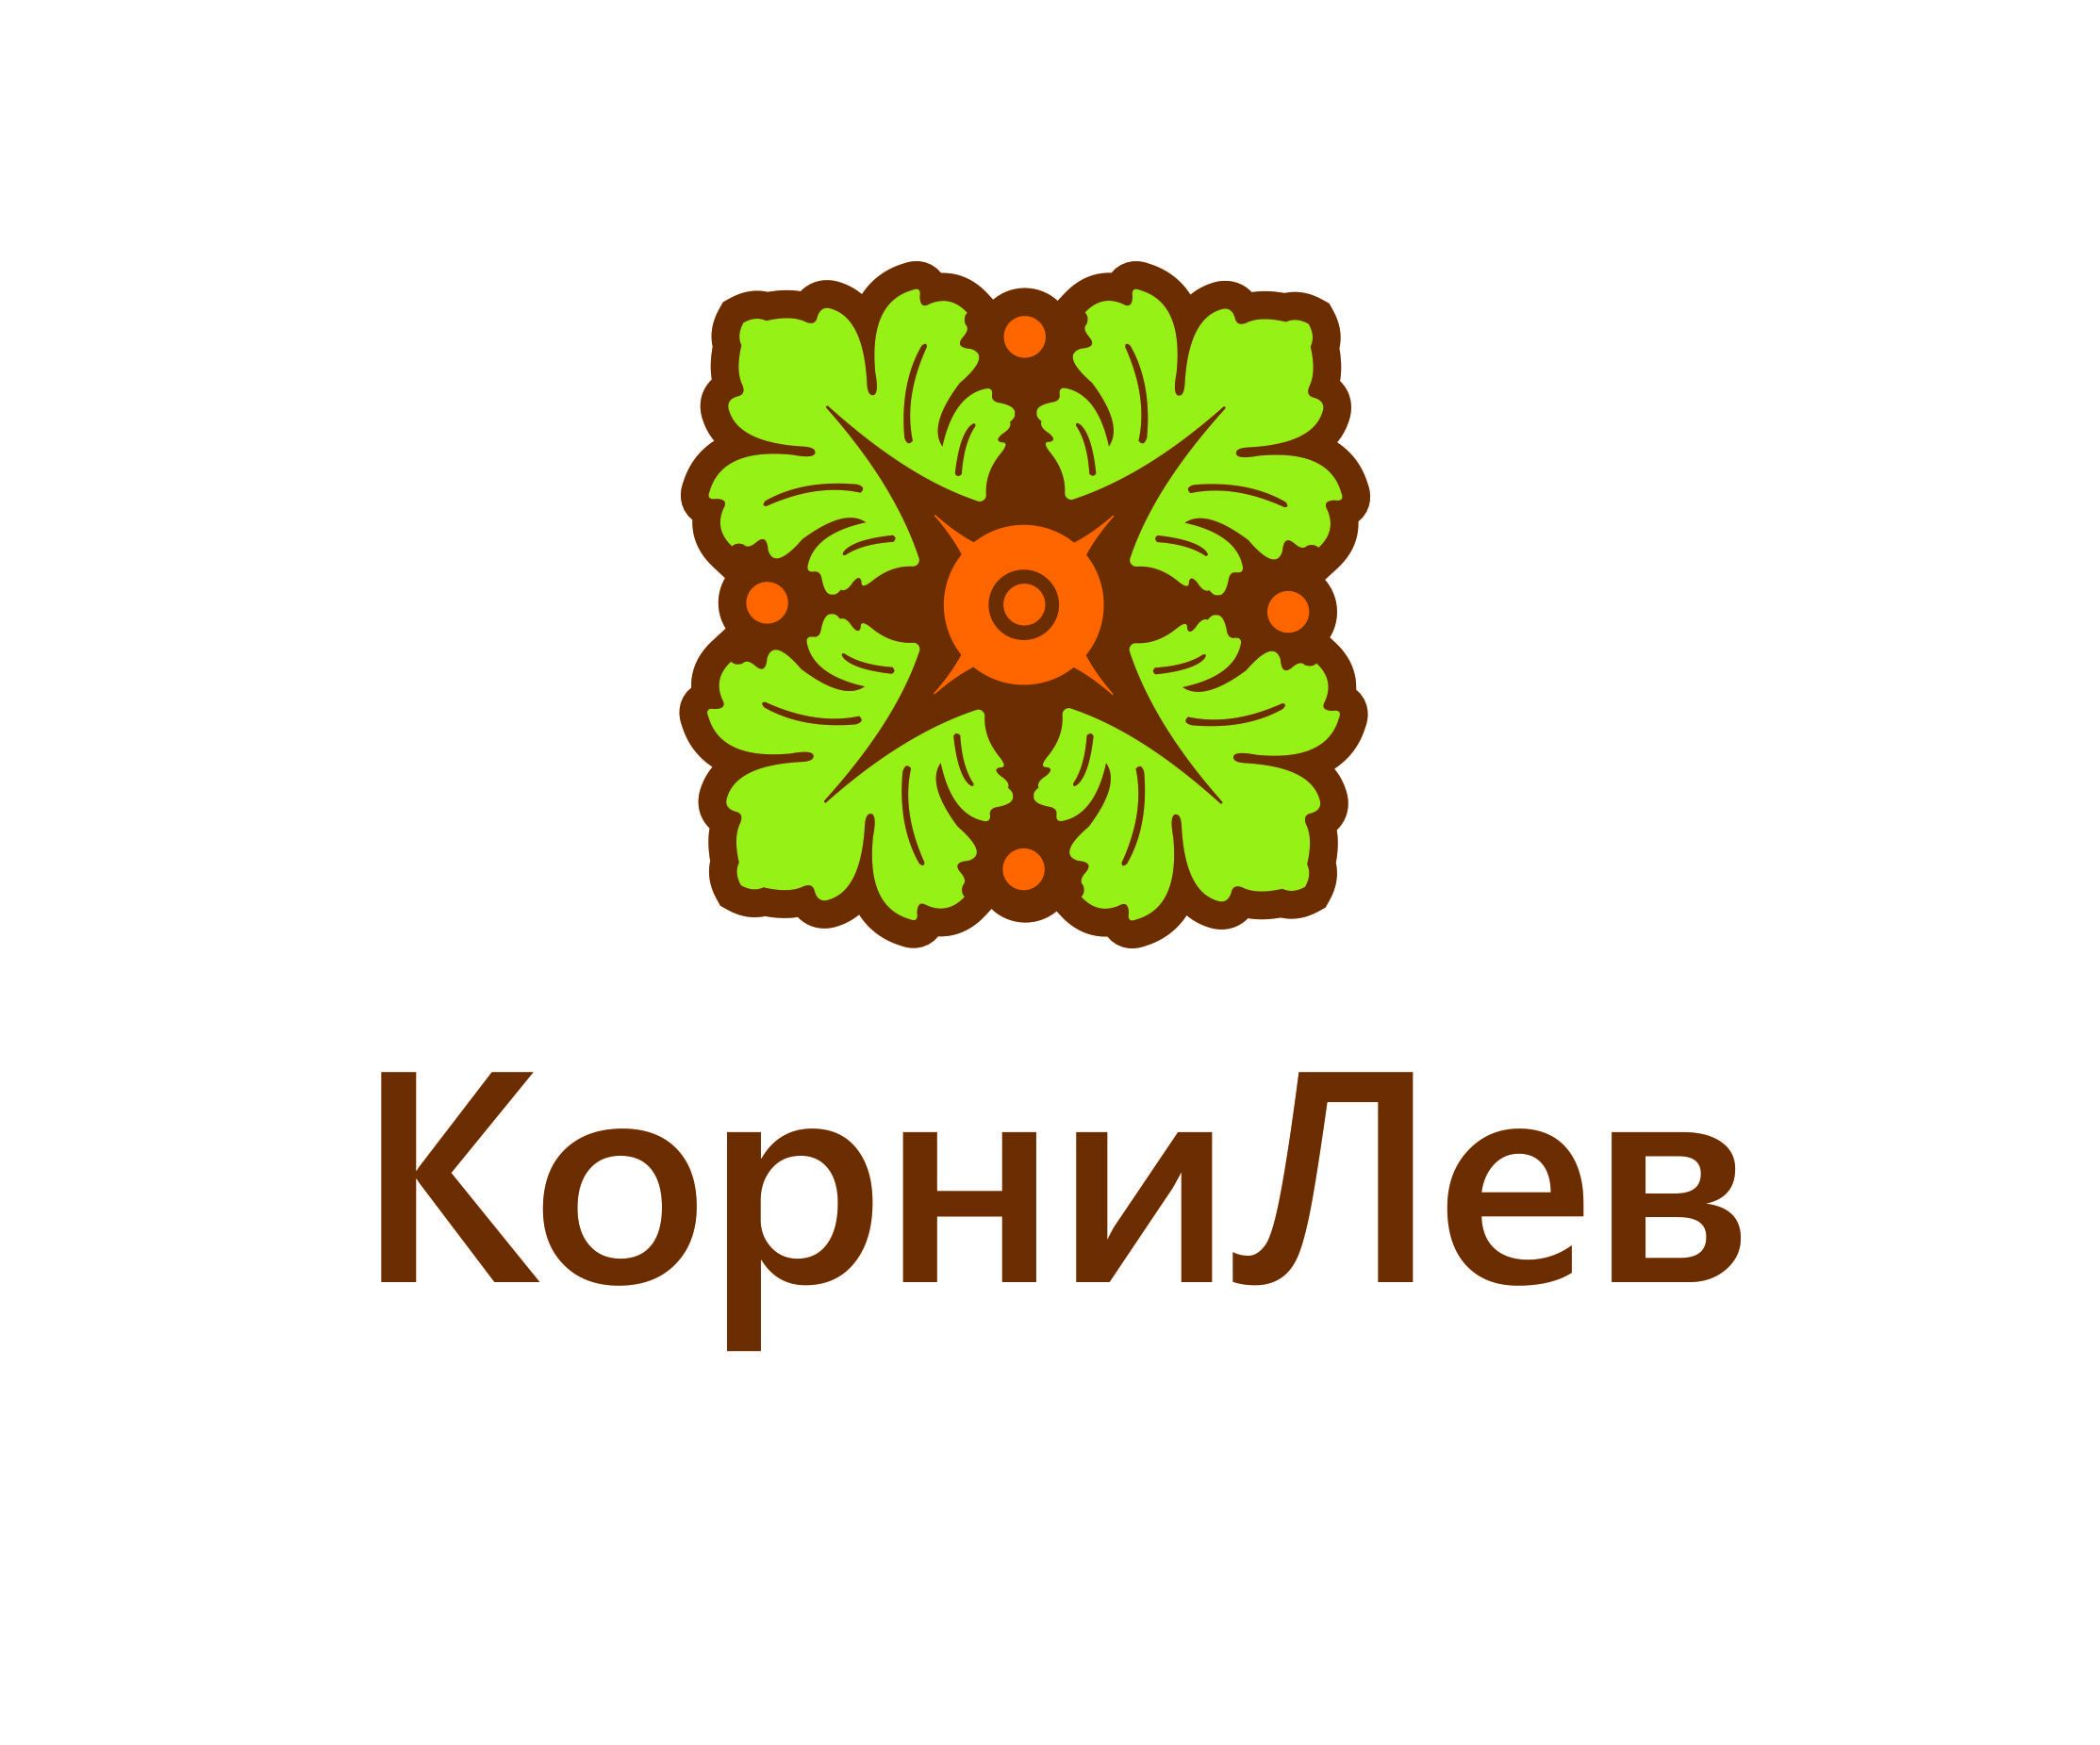 Логотип для компании КорниЛев - дизайнер Tanchik25